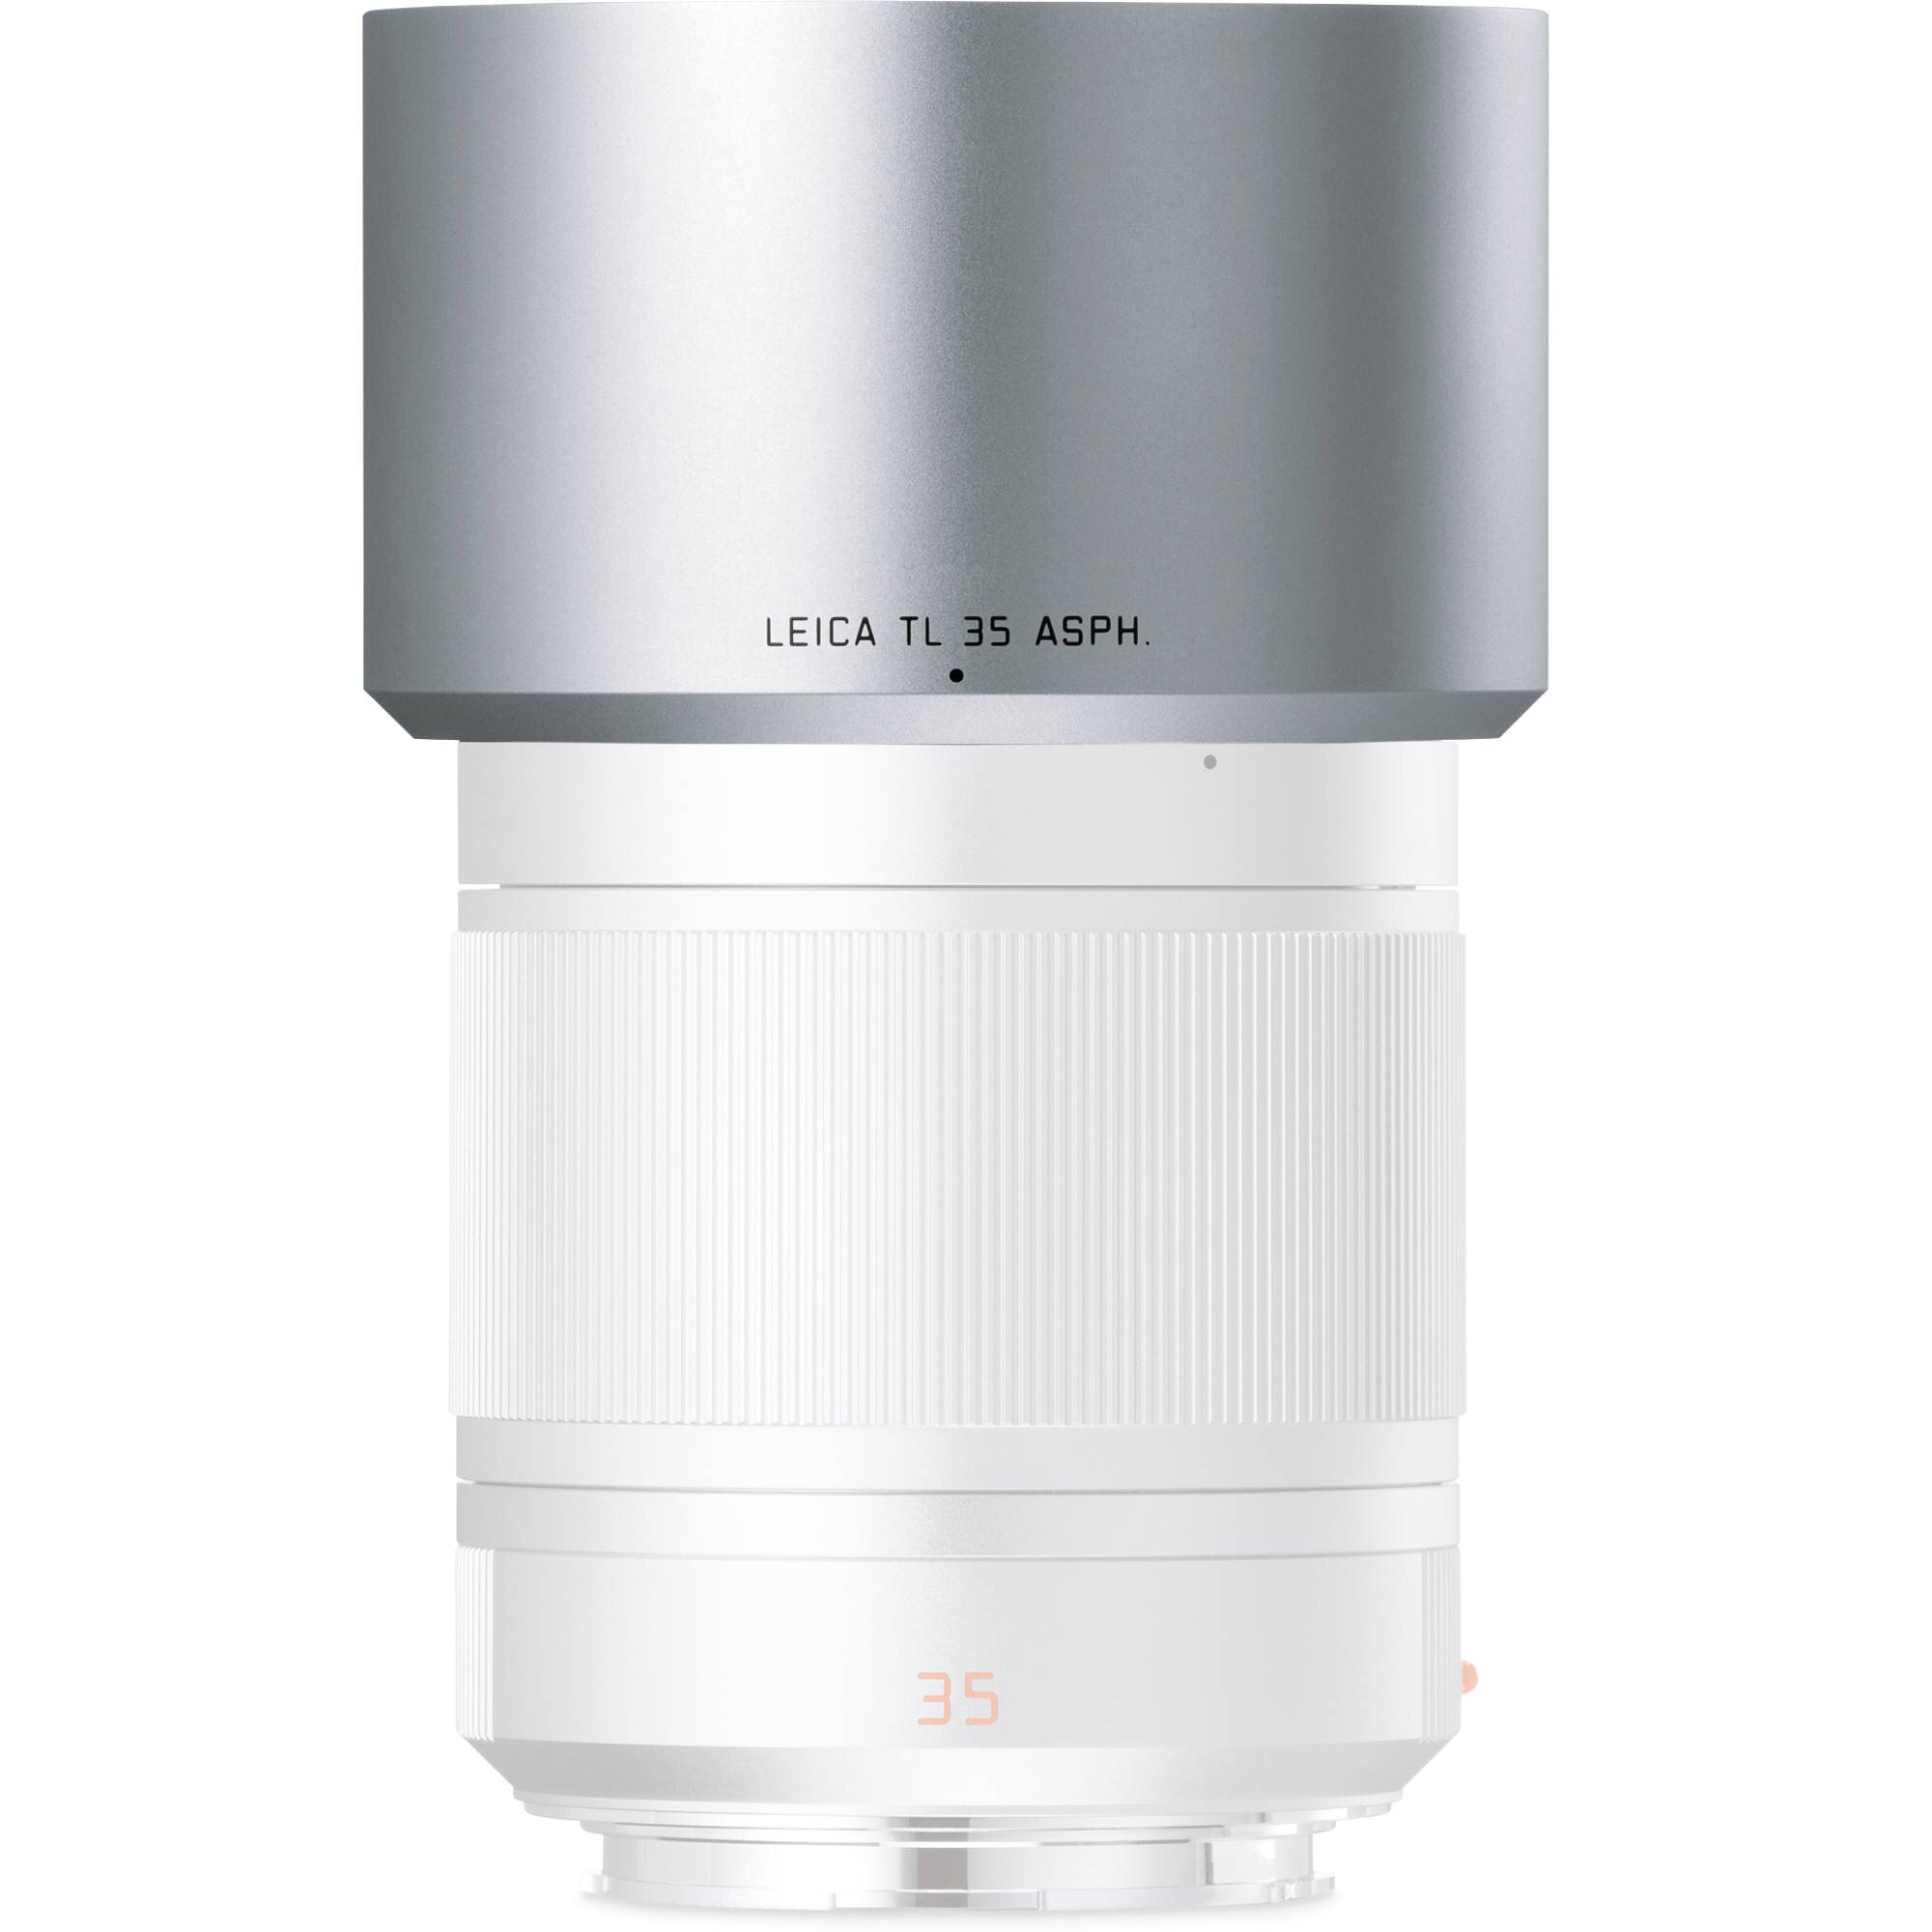 LEICA Gegenlichtblende für TL 35mm und 60mm ASPH, silbern eloxiert 12430